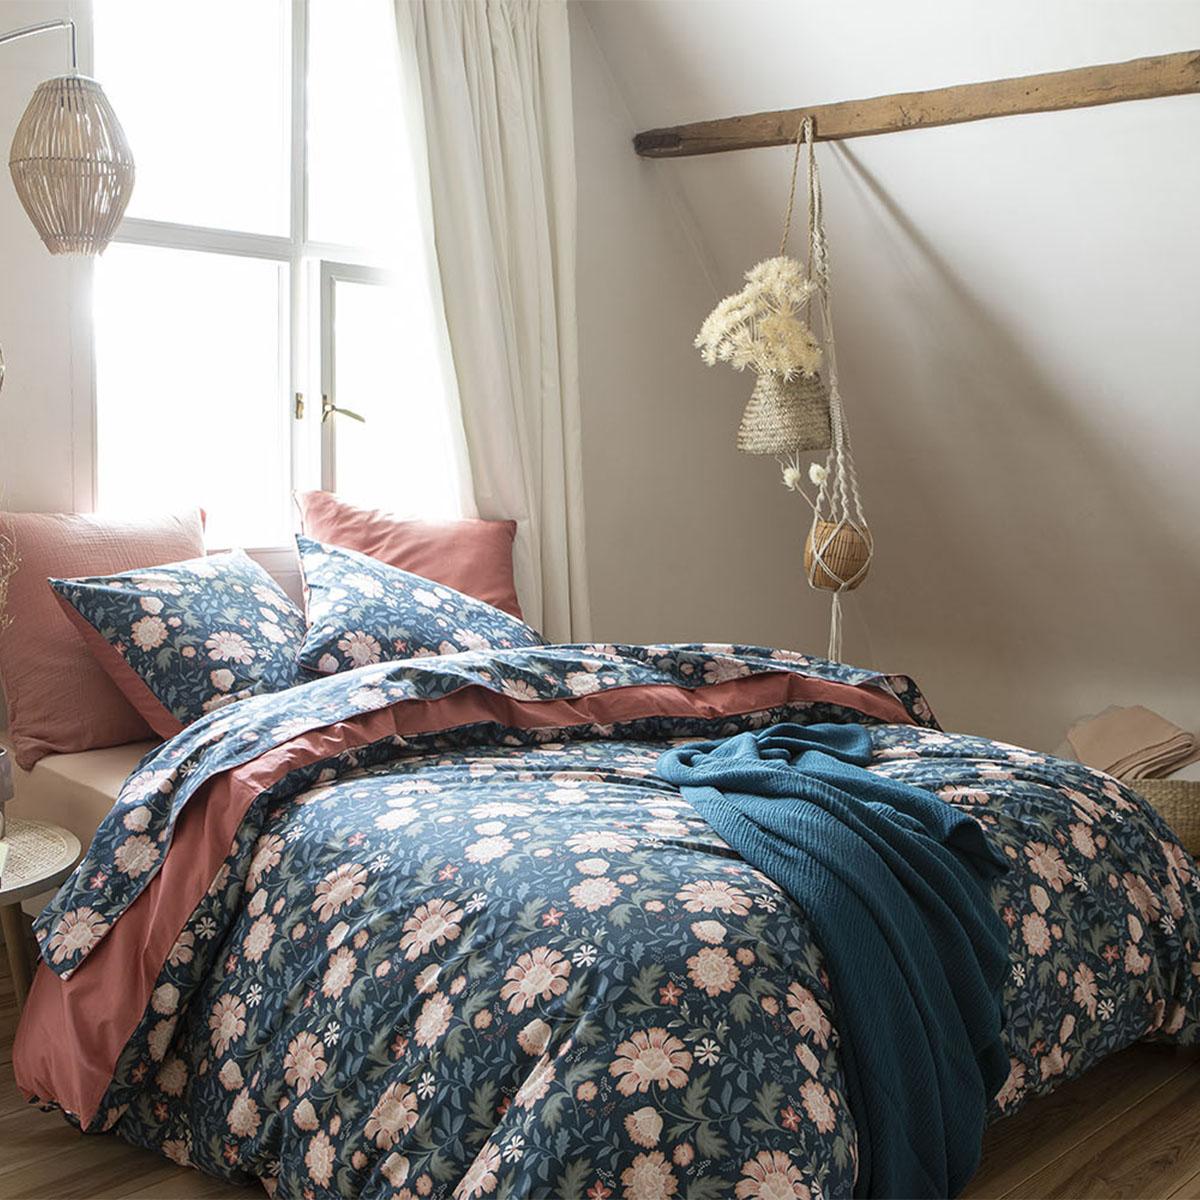 Parure de lit Housse de couette 240x220 + taie carrée, Fairy Blossom